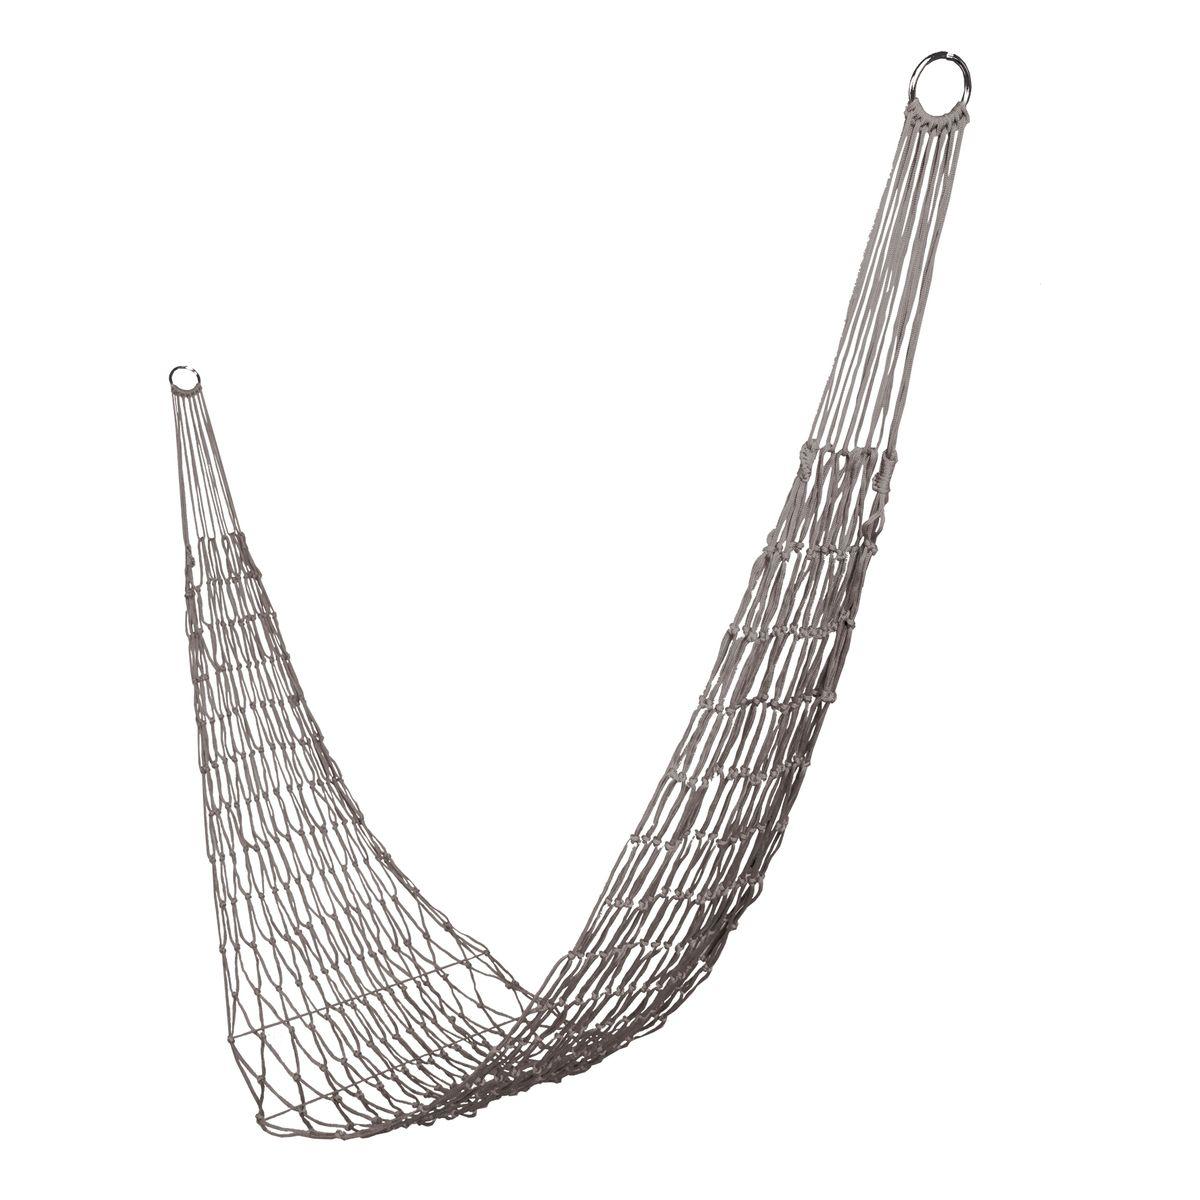 Гамак-сетка Boyscout Походный, цвет: серый, 200 х 80 смTL-100C-Q1Легкий, прочный и компактный гамак Boyscout Походный выполнен из высококачественного нейлона в виде сетки. Гамак предназначен для комфортного отдыха на даче, пикнике или походе. Крепится изделие к двум опорам (деревьям или стойкам). Использование гамака в домашних условиях предполагает крепление на завинчивающие винты. Такой гамак внесет дополнительный комфорт в ваш отдых.